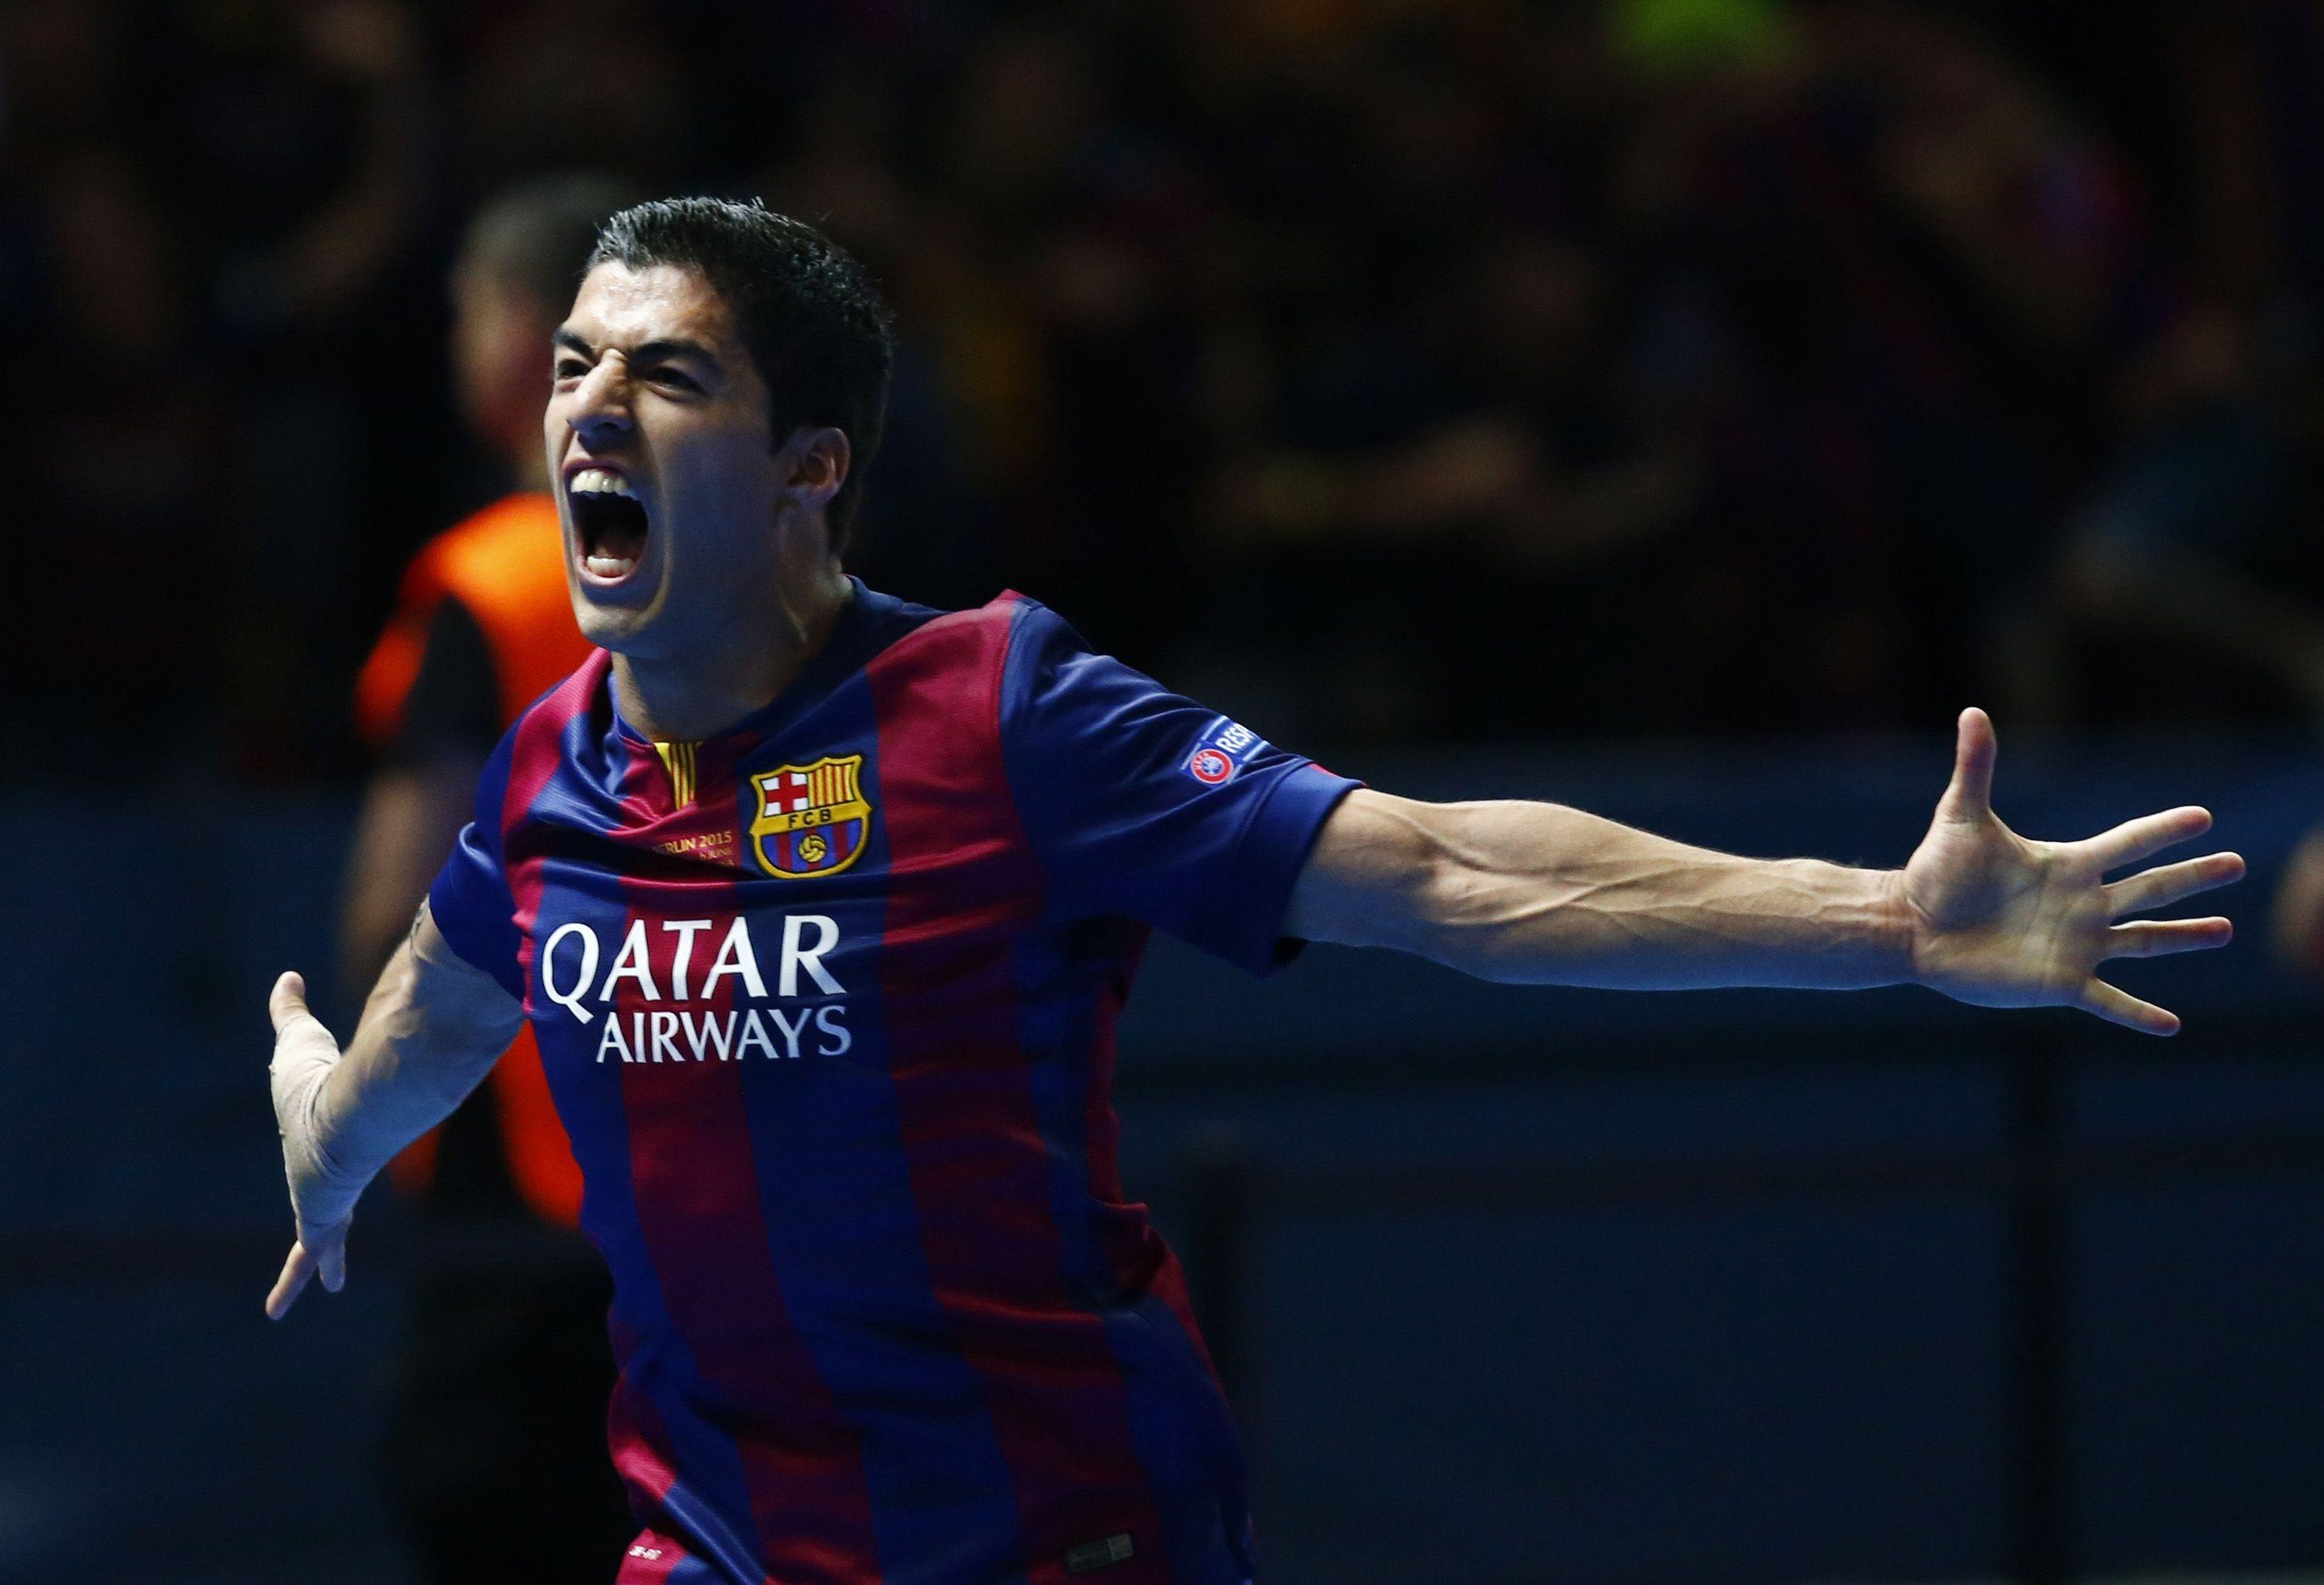 ¡Con qué rabia celebró Suárez el segundo gol del Barcelona!  http://www.rtve.es/champions